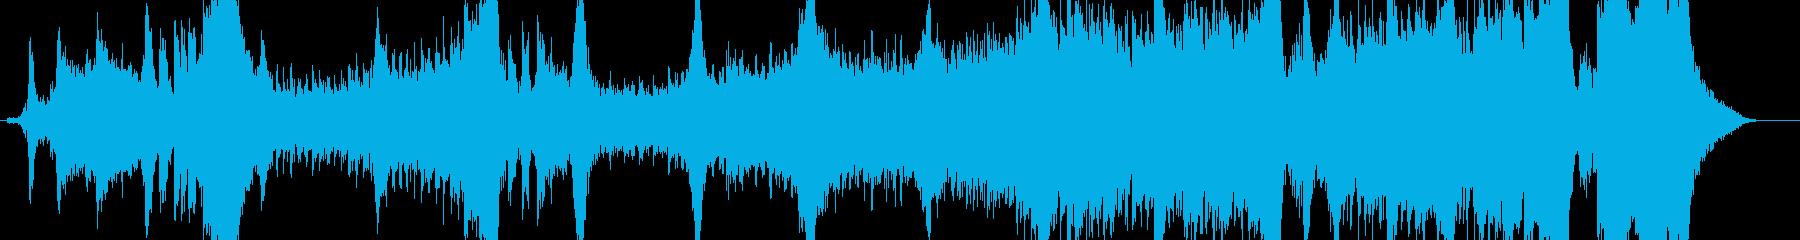 ライブオーケストラ、ソロソプラノ、...の再生済みの波形